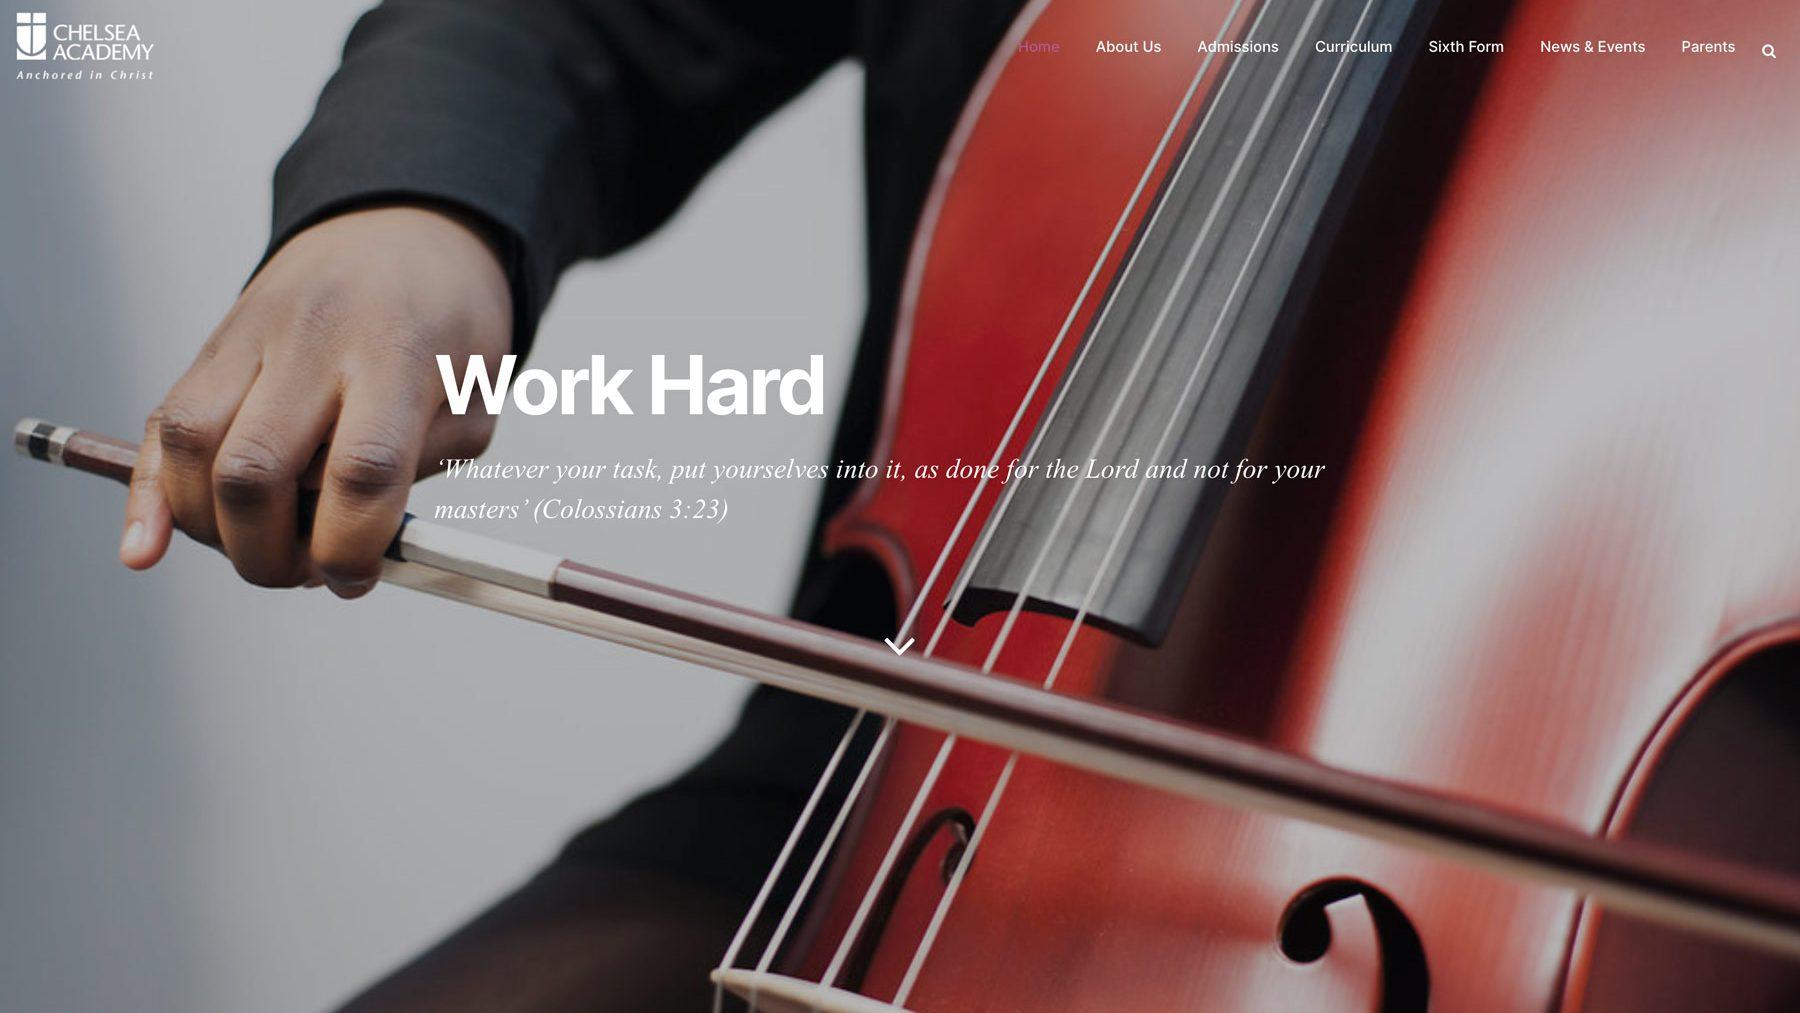 Academy school website photography screenshot of Chelasea Academy homepage